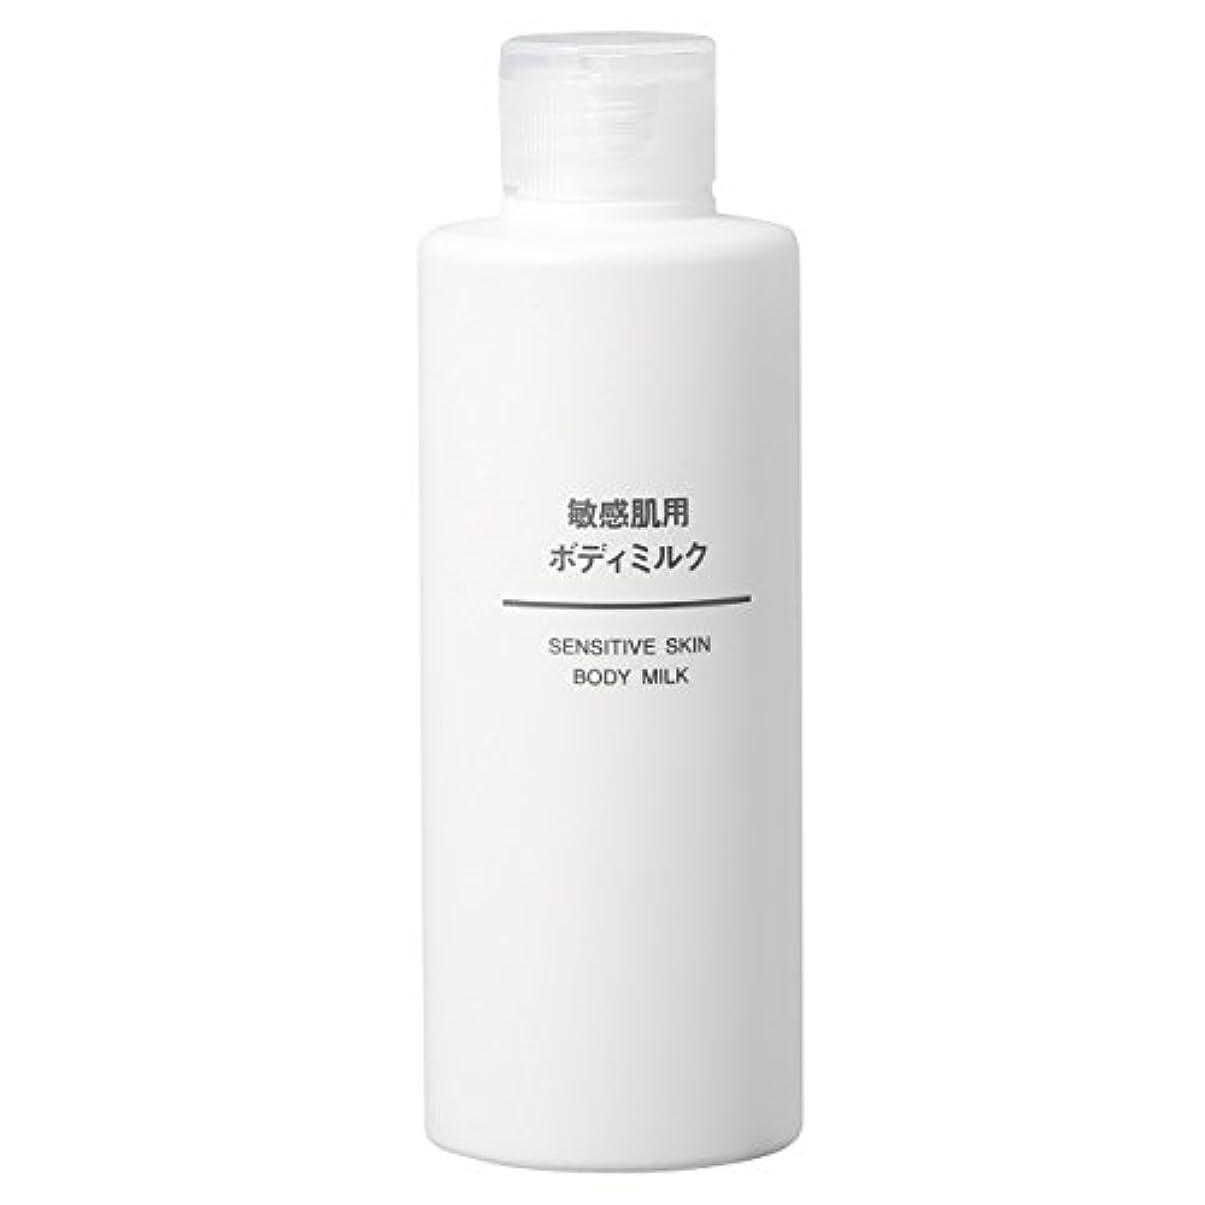 繕うペン訴える無印良品 敏感肌用 ボディミルク 200ml 日本製